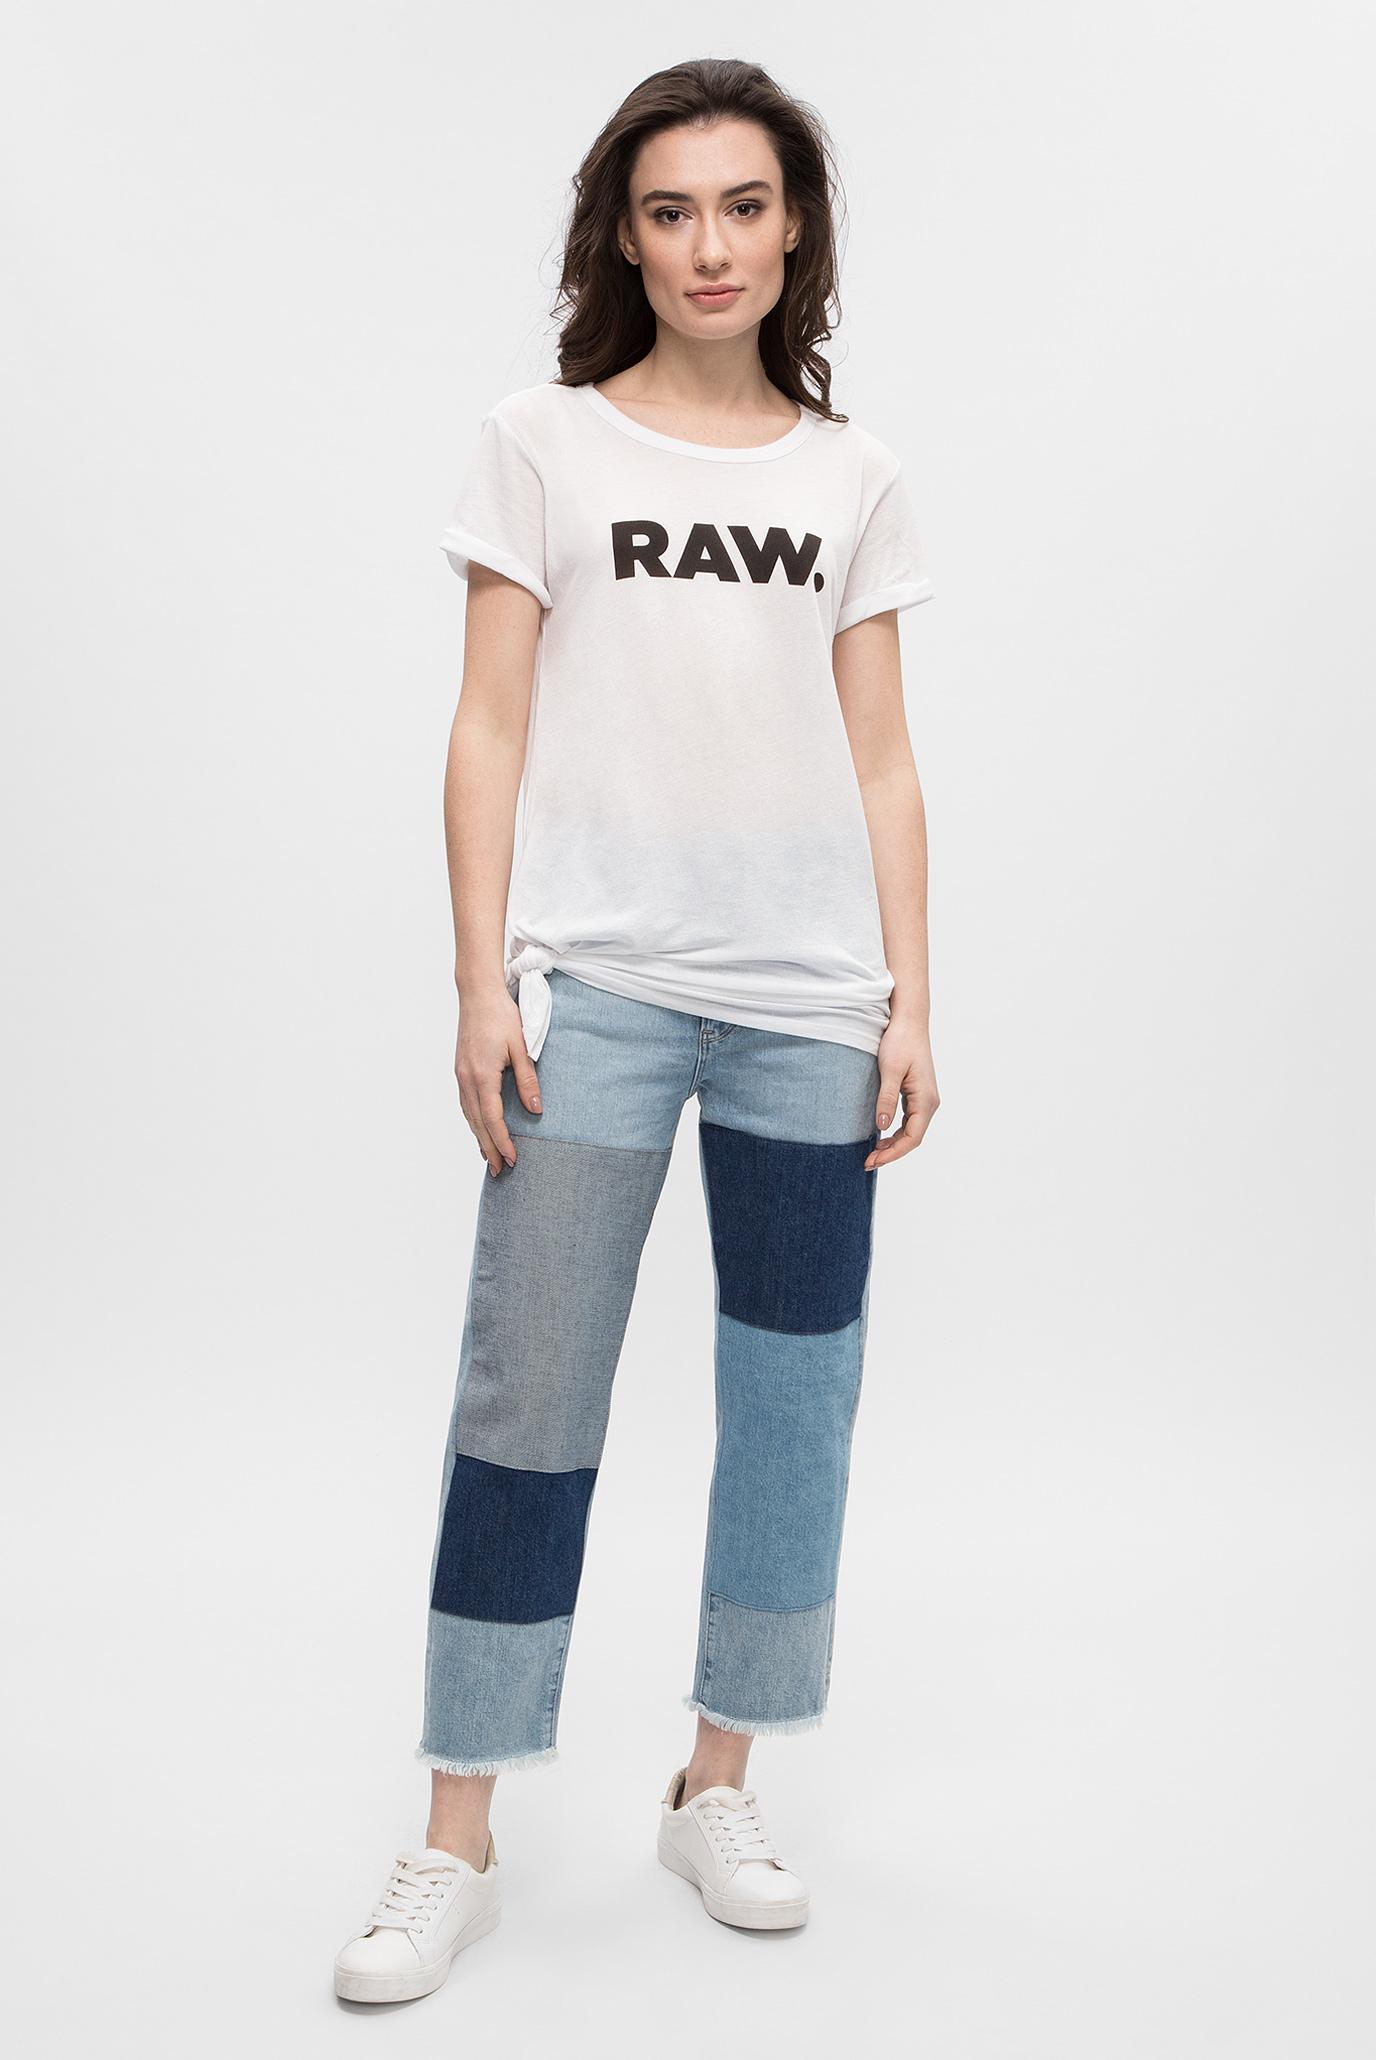 Купить Женские голубые джинсы 3301 Mid Boyfriend rp 7/8 G-Star RAW G-Star RAW D09373,7113 – Киев, Украина. Цены в интернет магазине MD Fashion